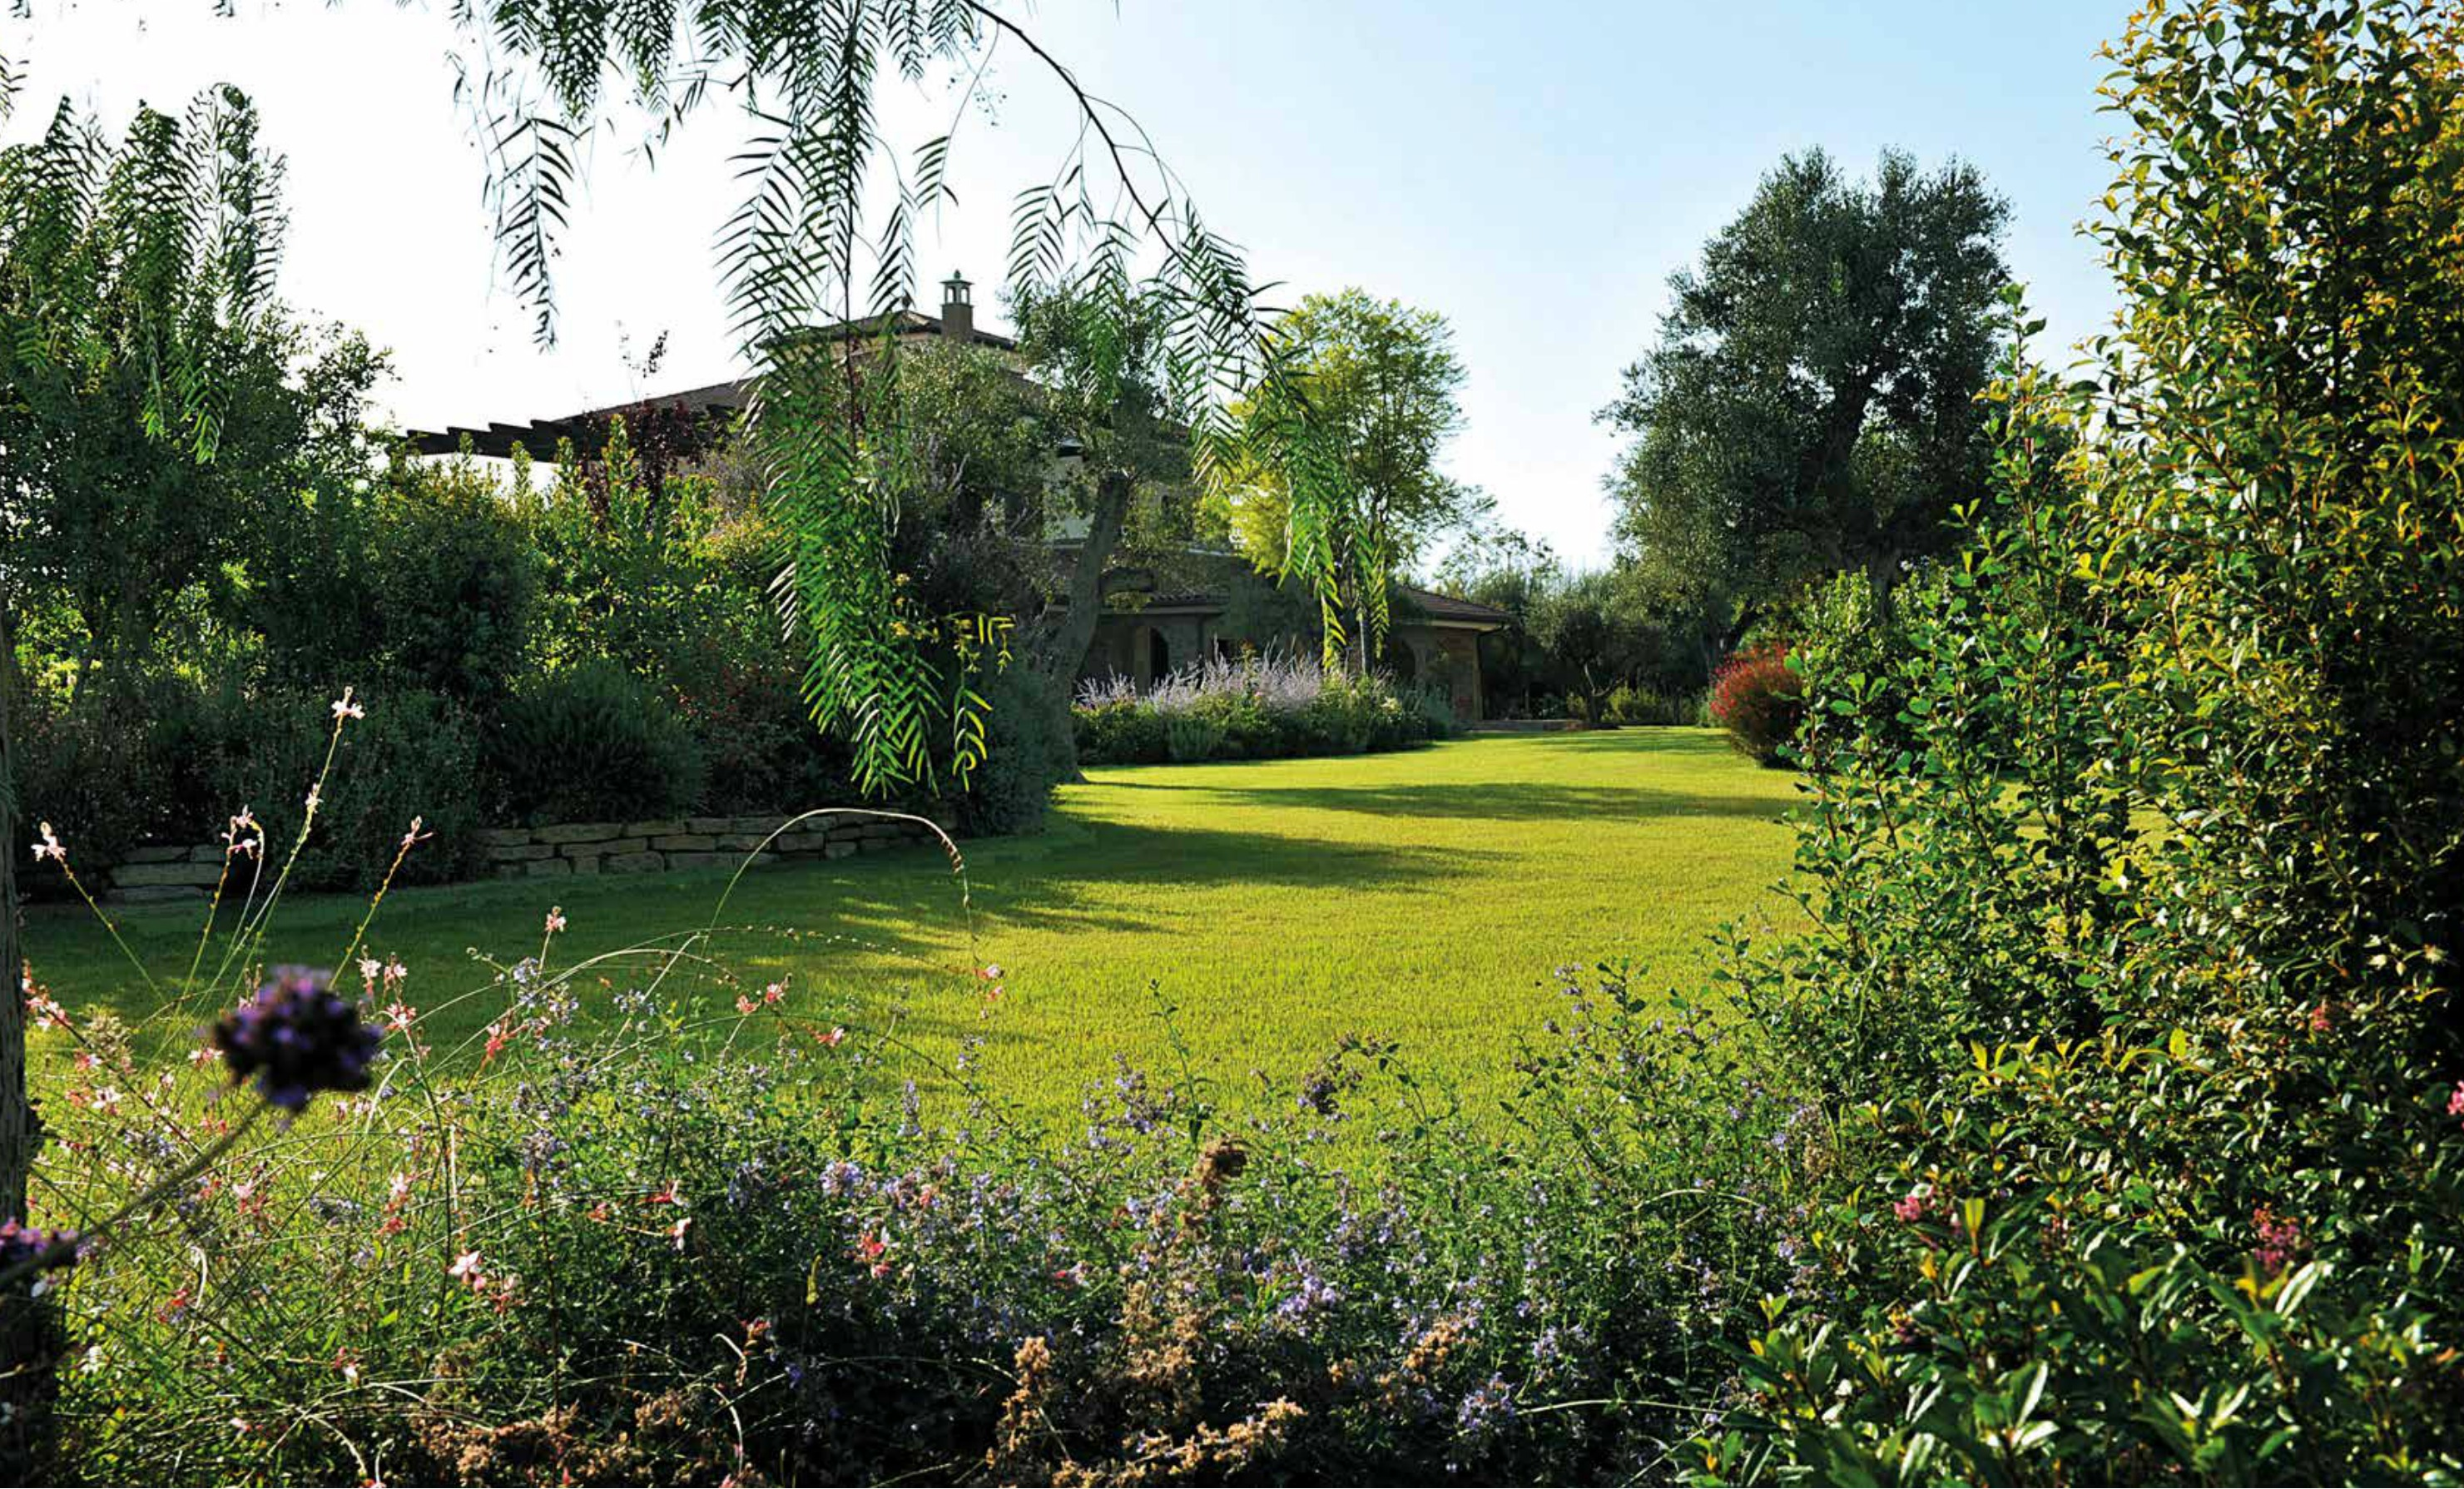 Creare un giardino un regno colorato di relax - Giardini d inverno immagini ...